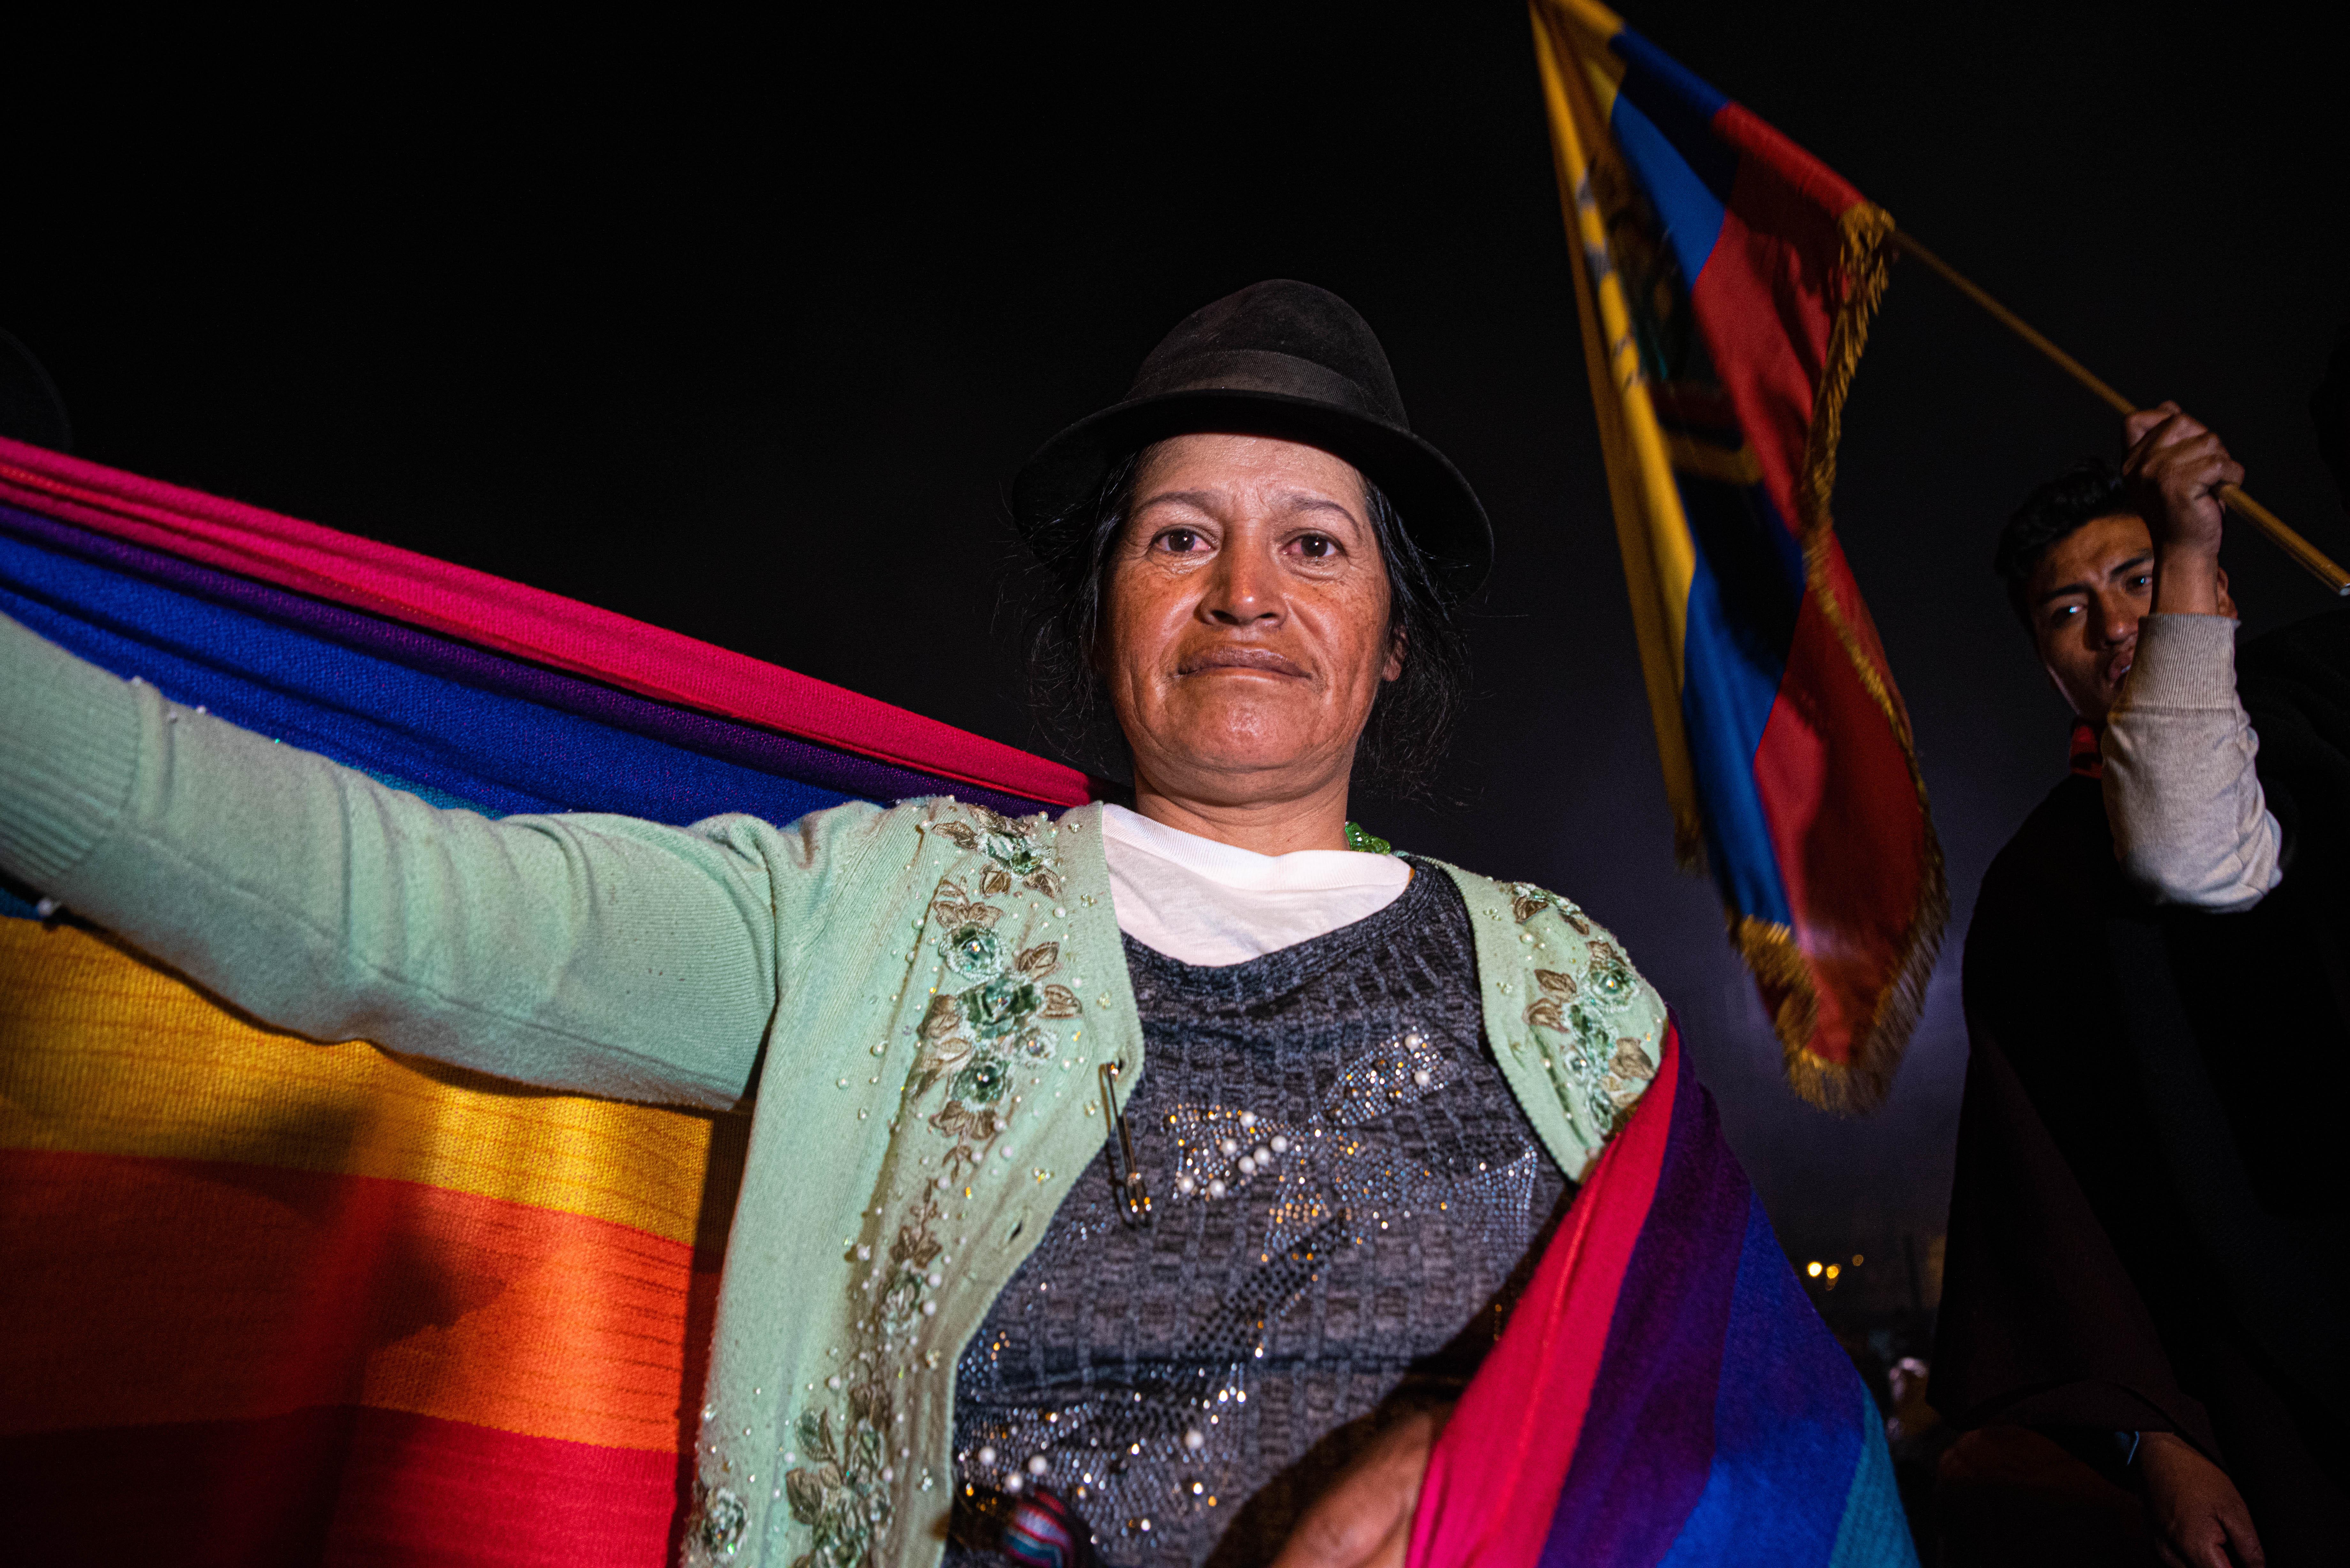 Una mujer indígena celebra con la bandera de Ecuador en sus hombros